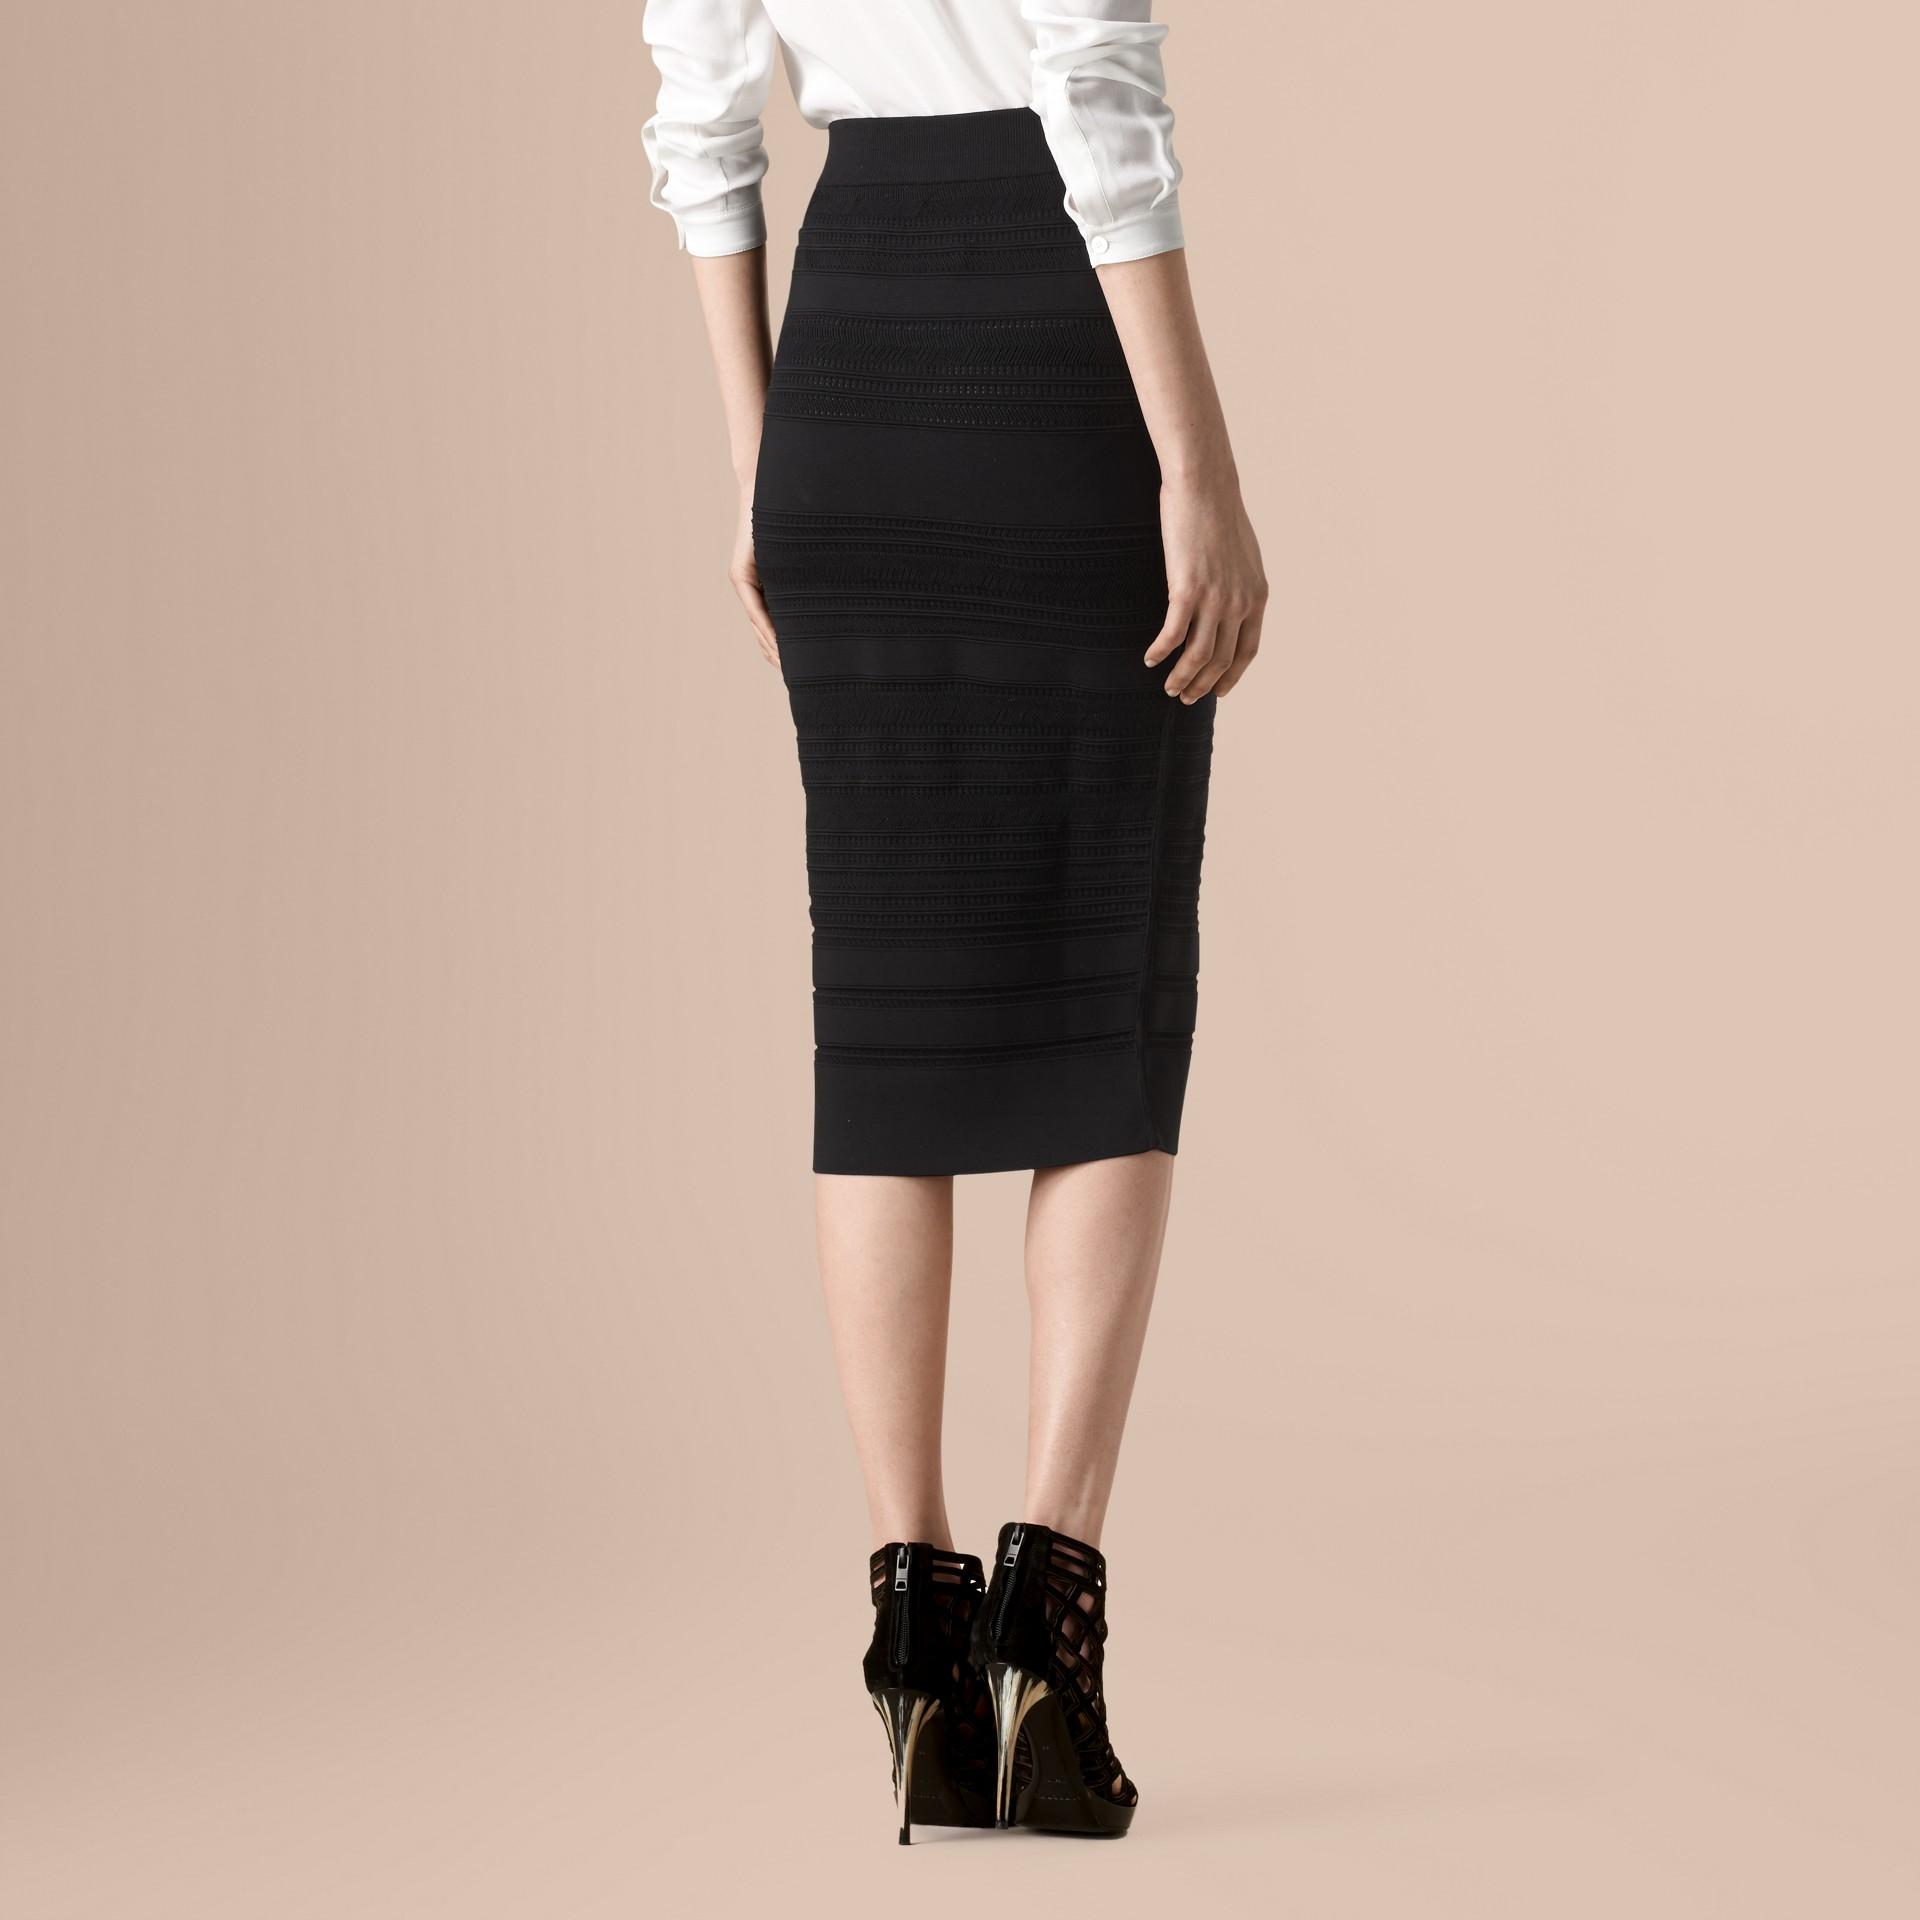 Negro Falda de tubo en punto a rayas - imagen de la galería 3